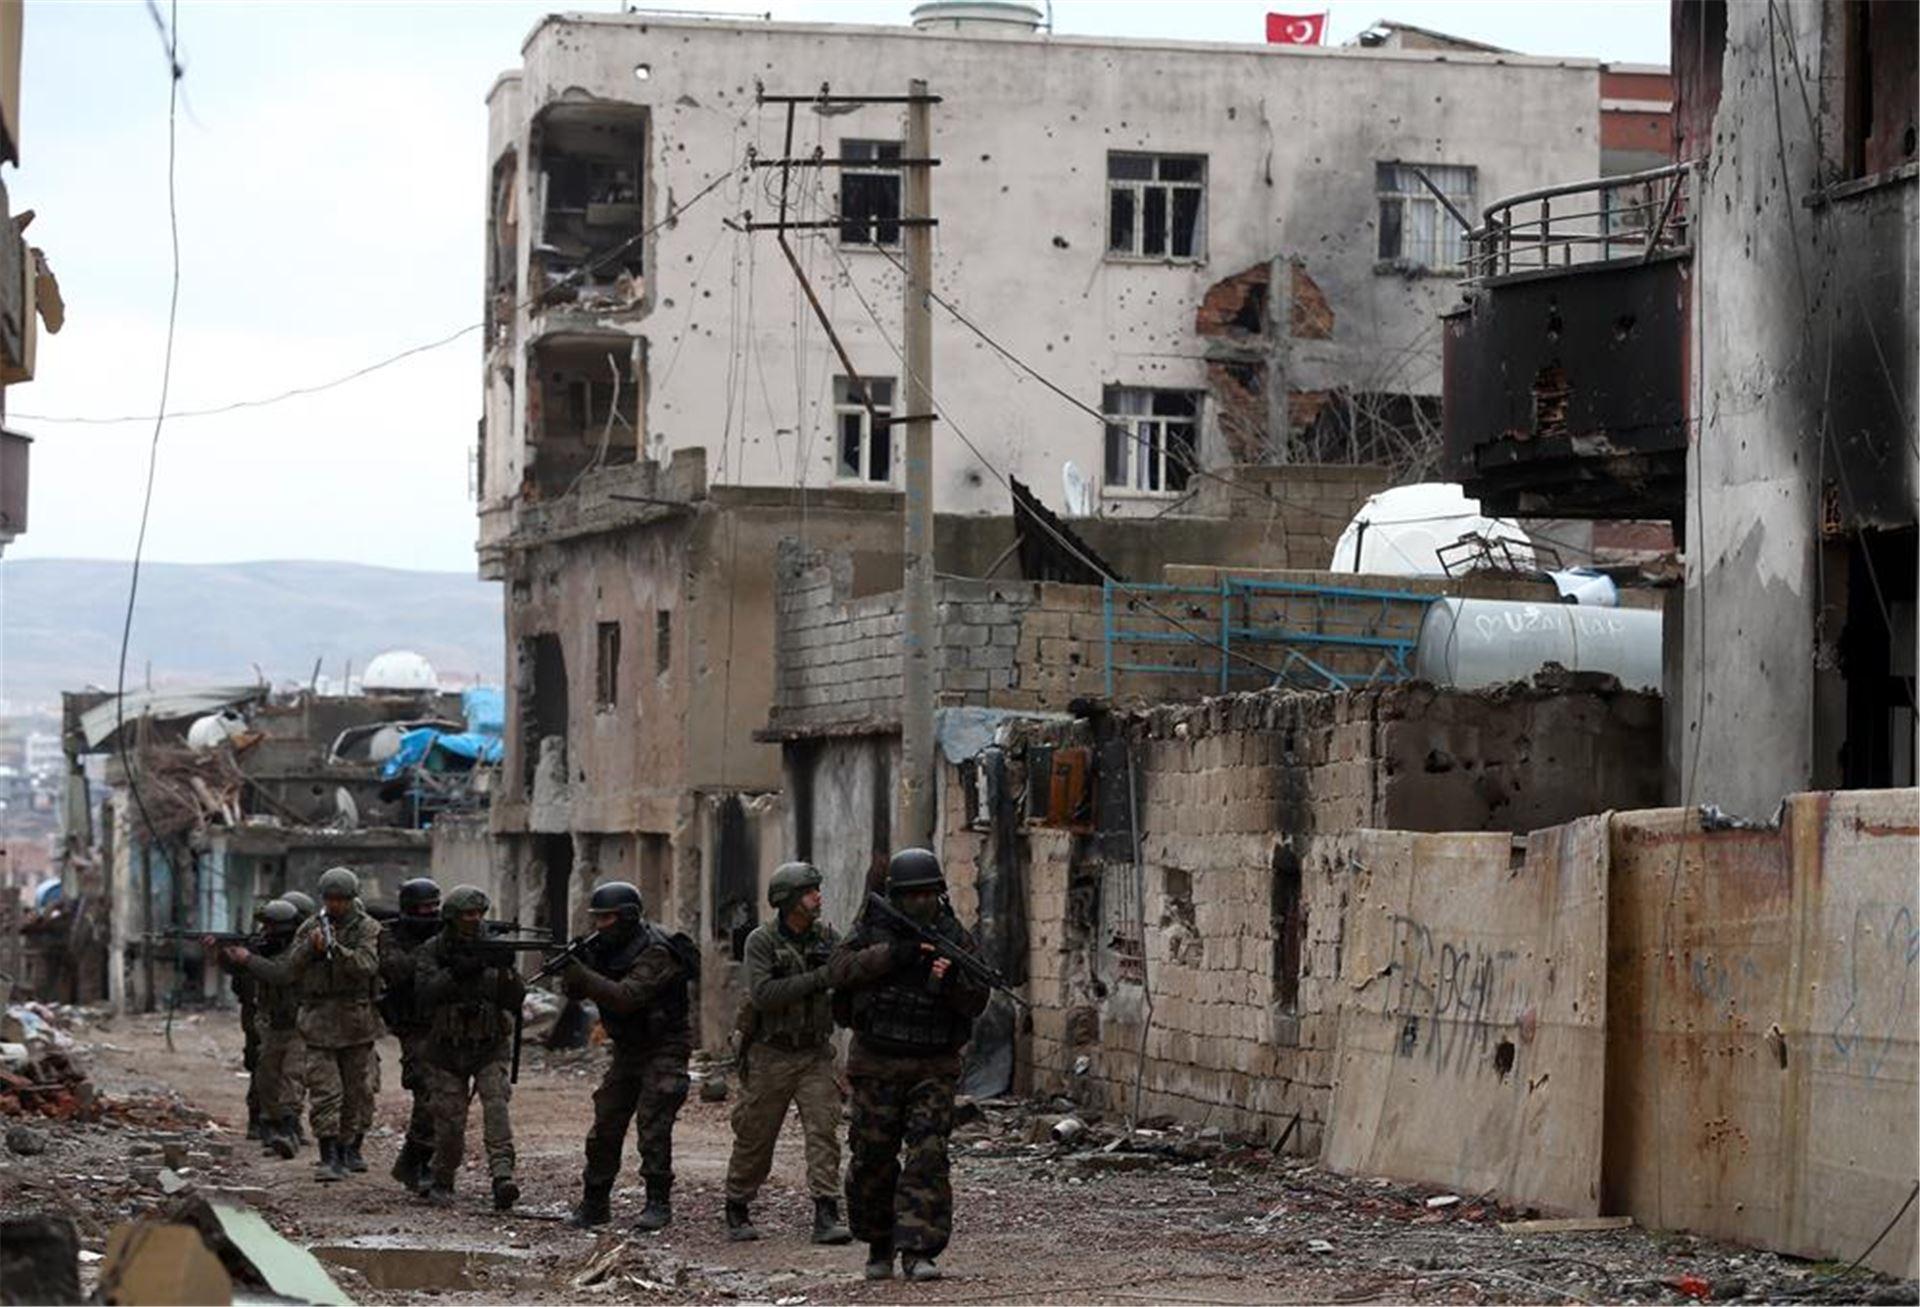 Cizre'de ne oldu?: TRT Cizre'de yapıldığını duyurduğu operasyonun haberini geri çekti